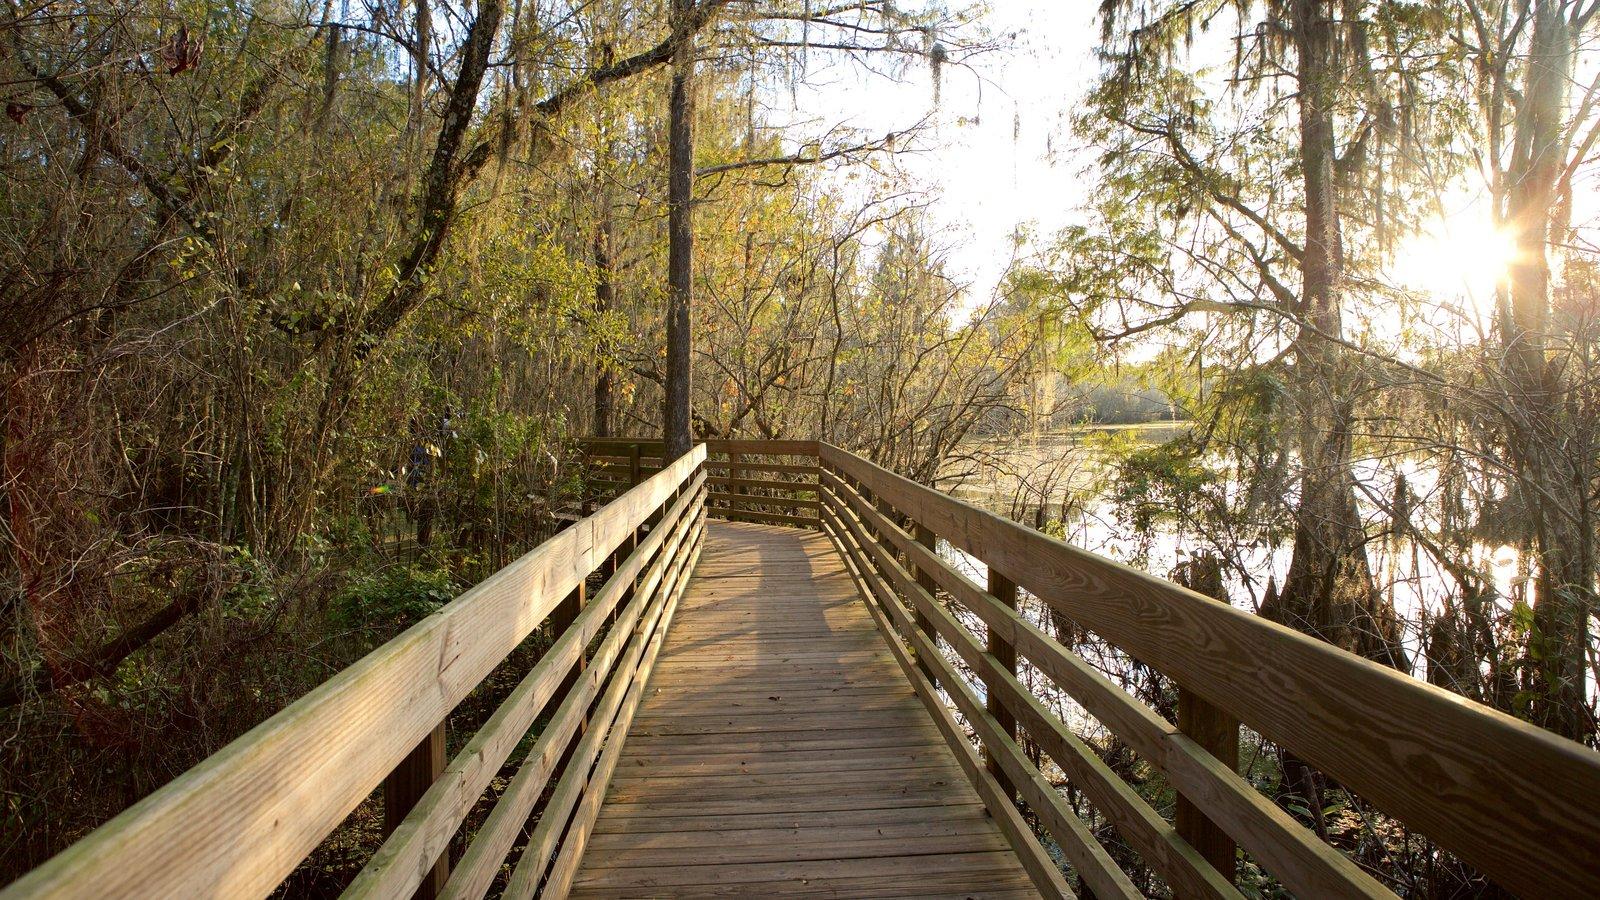 Tampa which includes a bridge